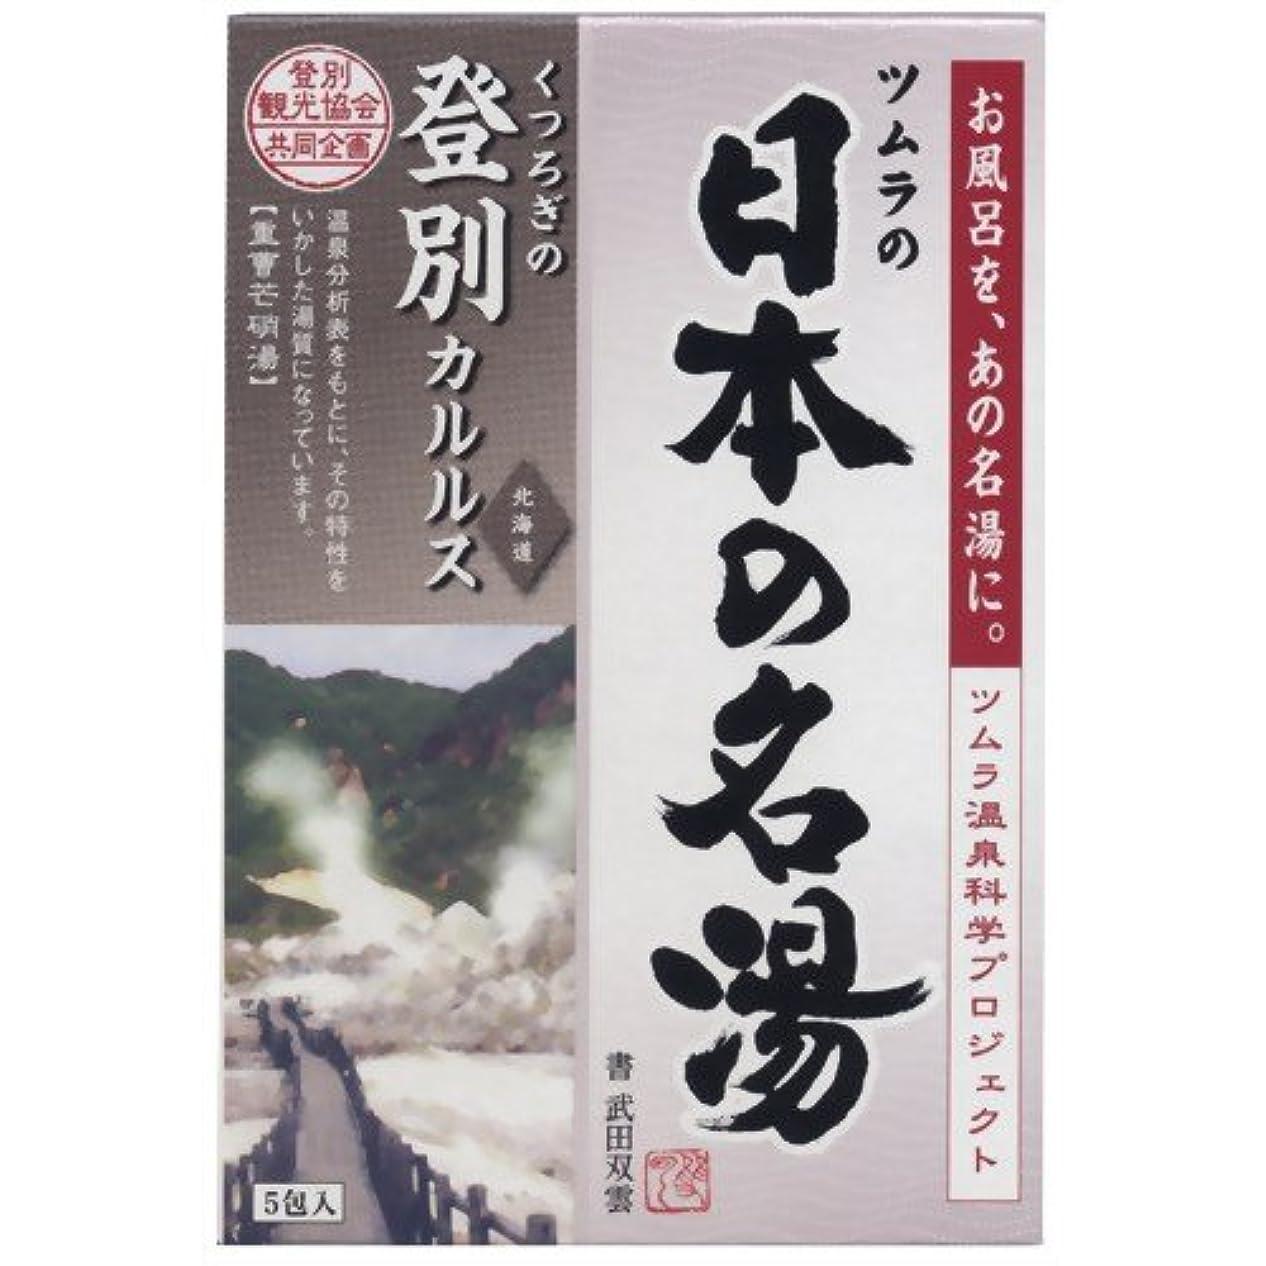 鉄道版貨物バスクリン 日本の名湯 登別カルルス 30g×5包入(入浴剤)×24点セット (4548514135451)